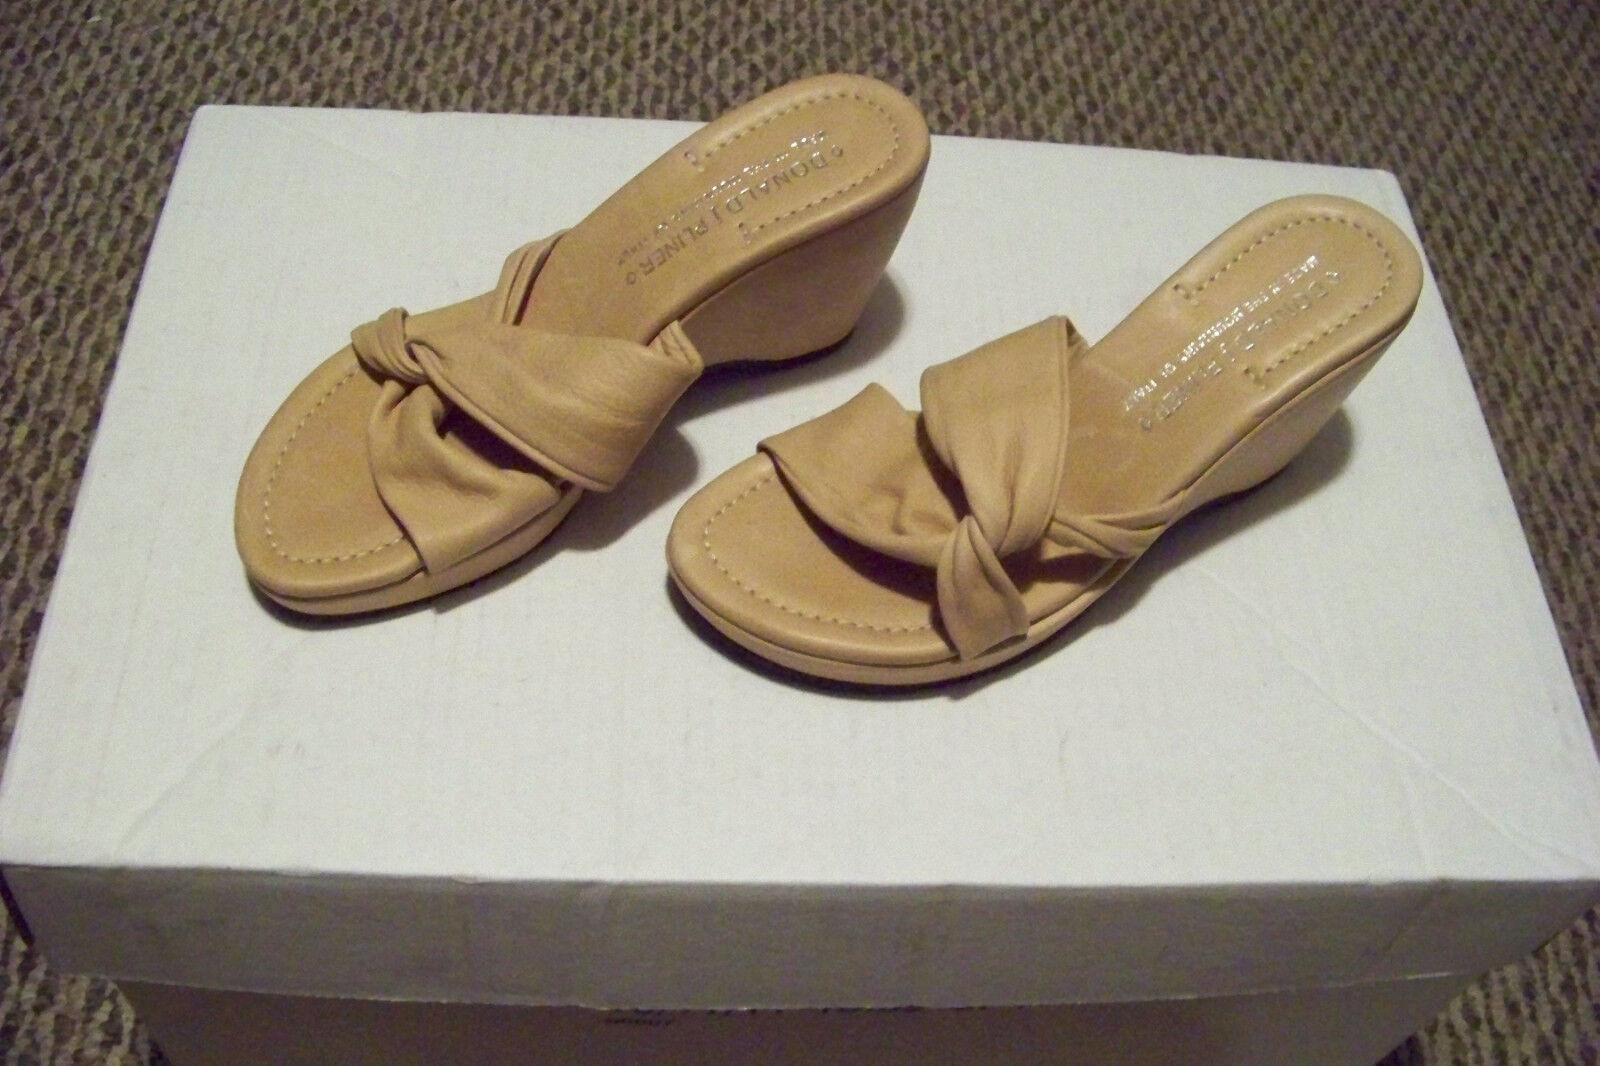 ti renderà soddisfatto donna donald j pliner tan soft leather strappy strappy strappy wedge heels scarpe Dimensione 6 1 2  l'ultimo